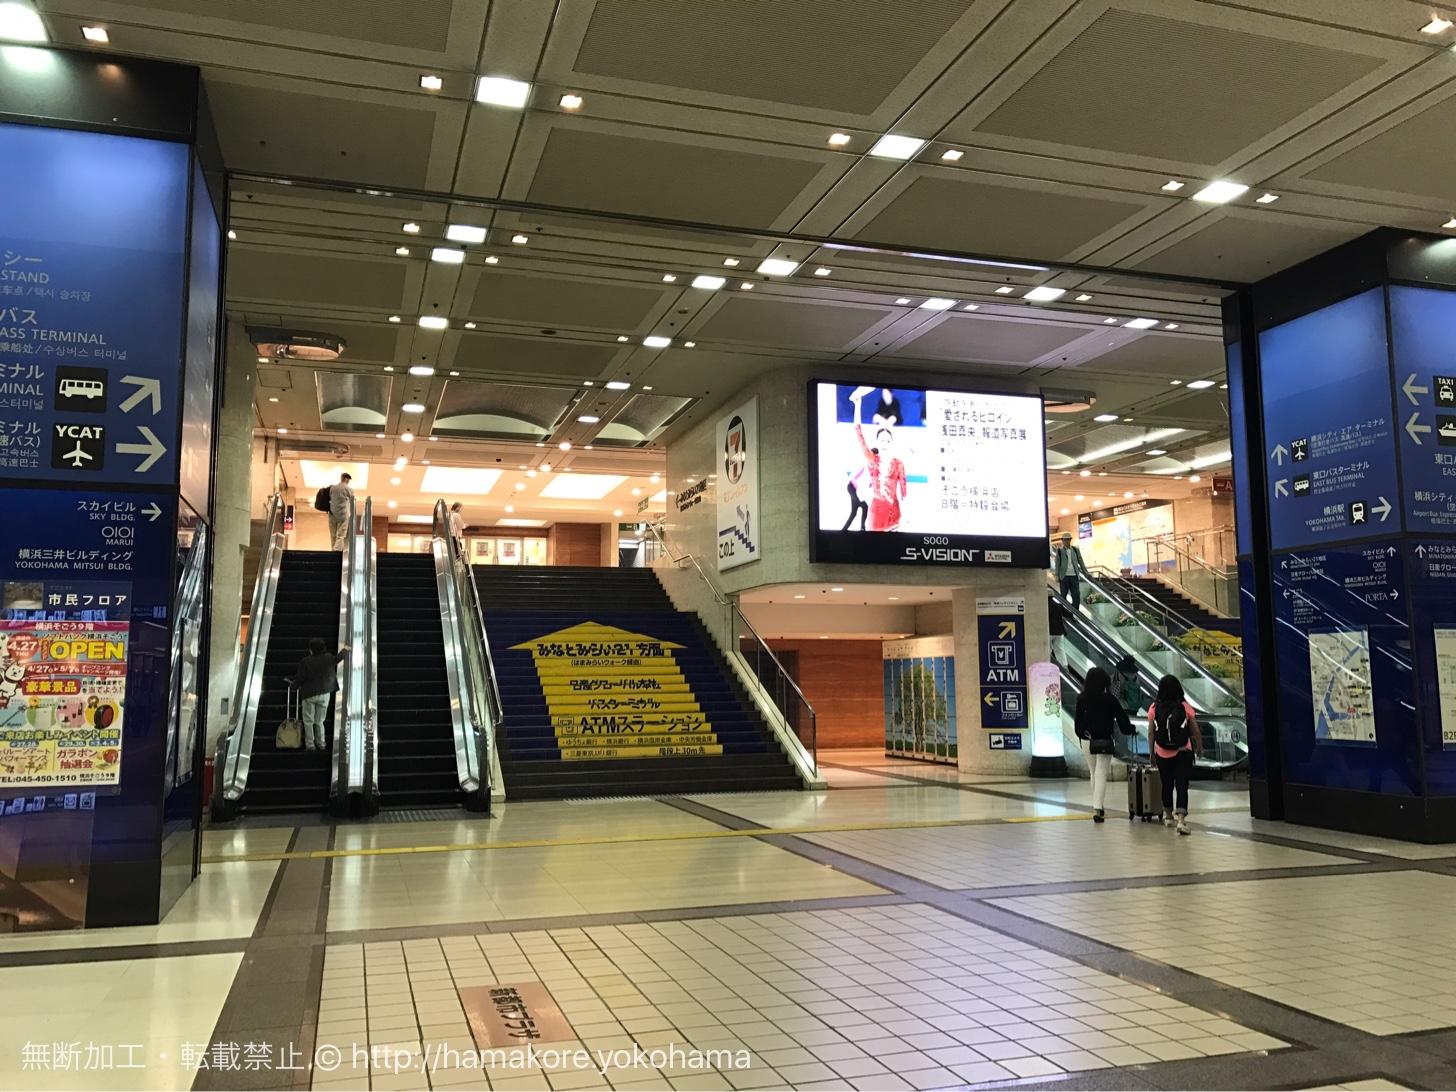 バスターミナルへ続く階段